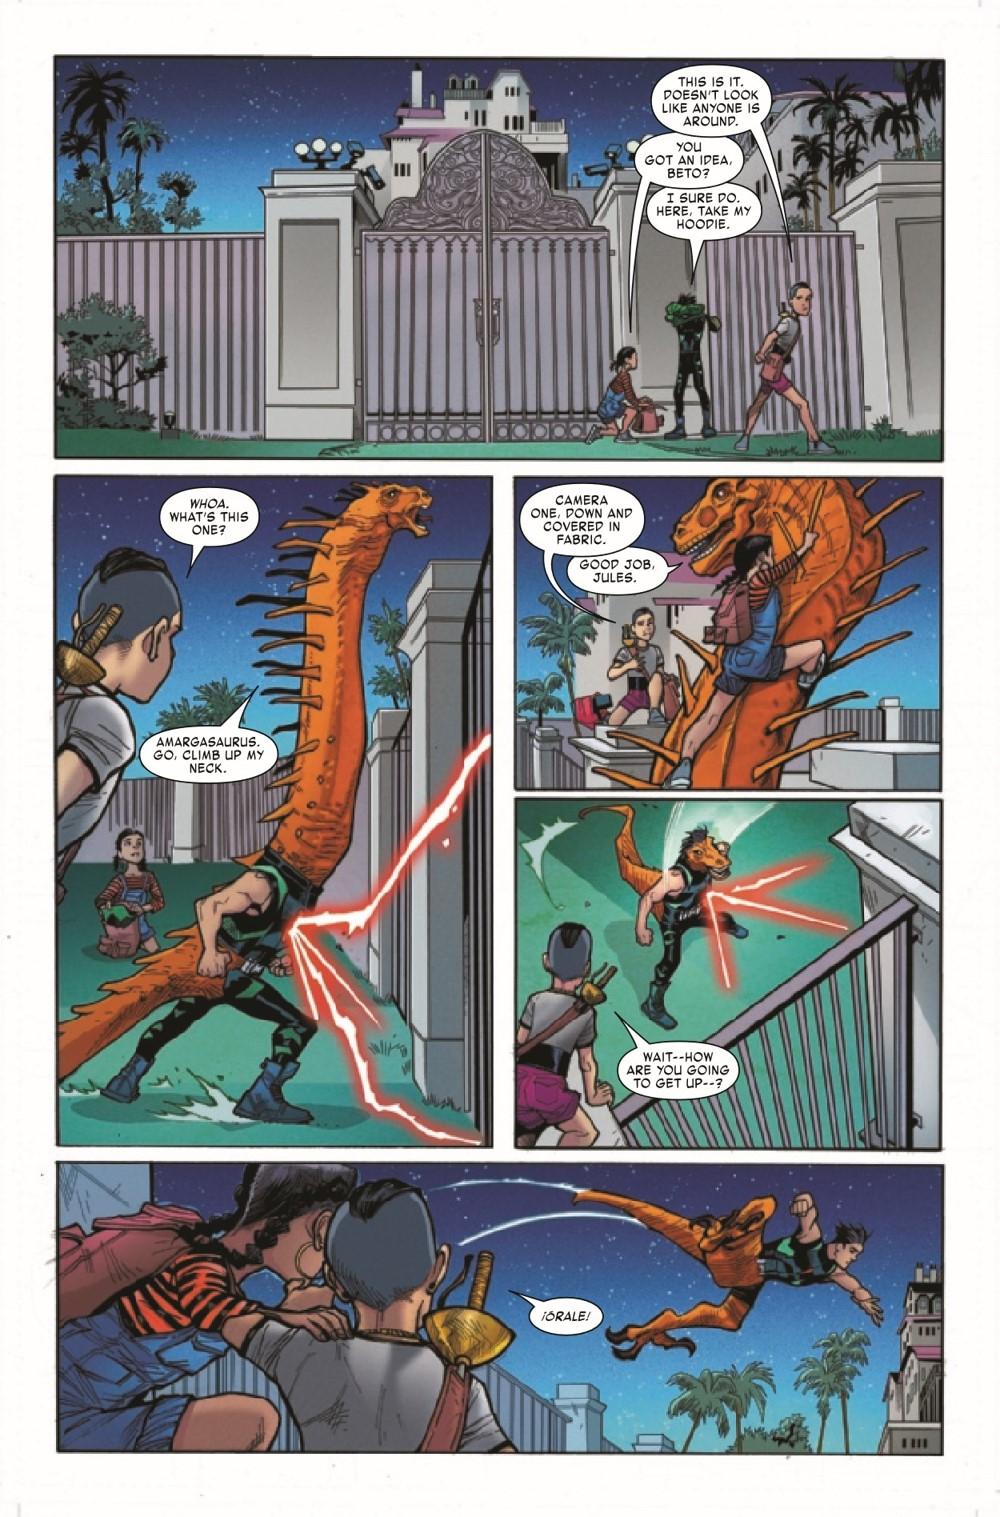 REPTIL2021003_Preview-3 ComicList Previews: REPTIL #3 (OF 4)